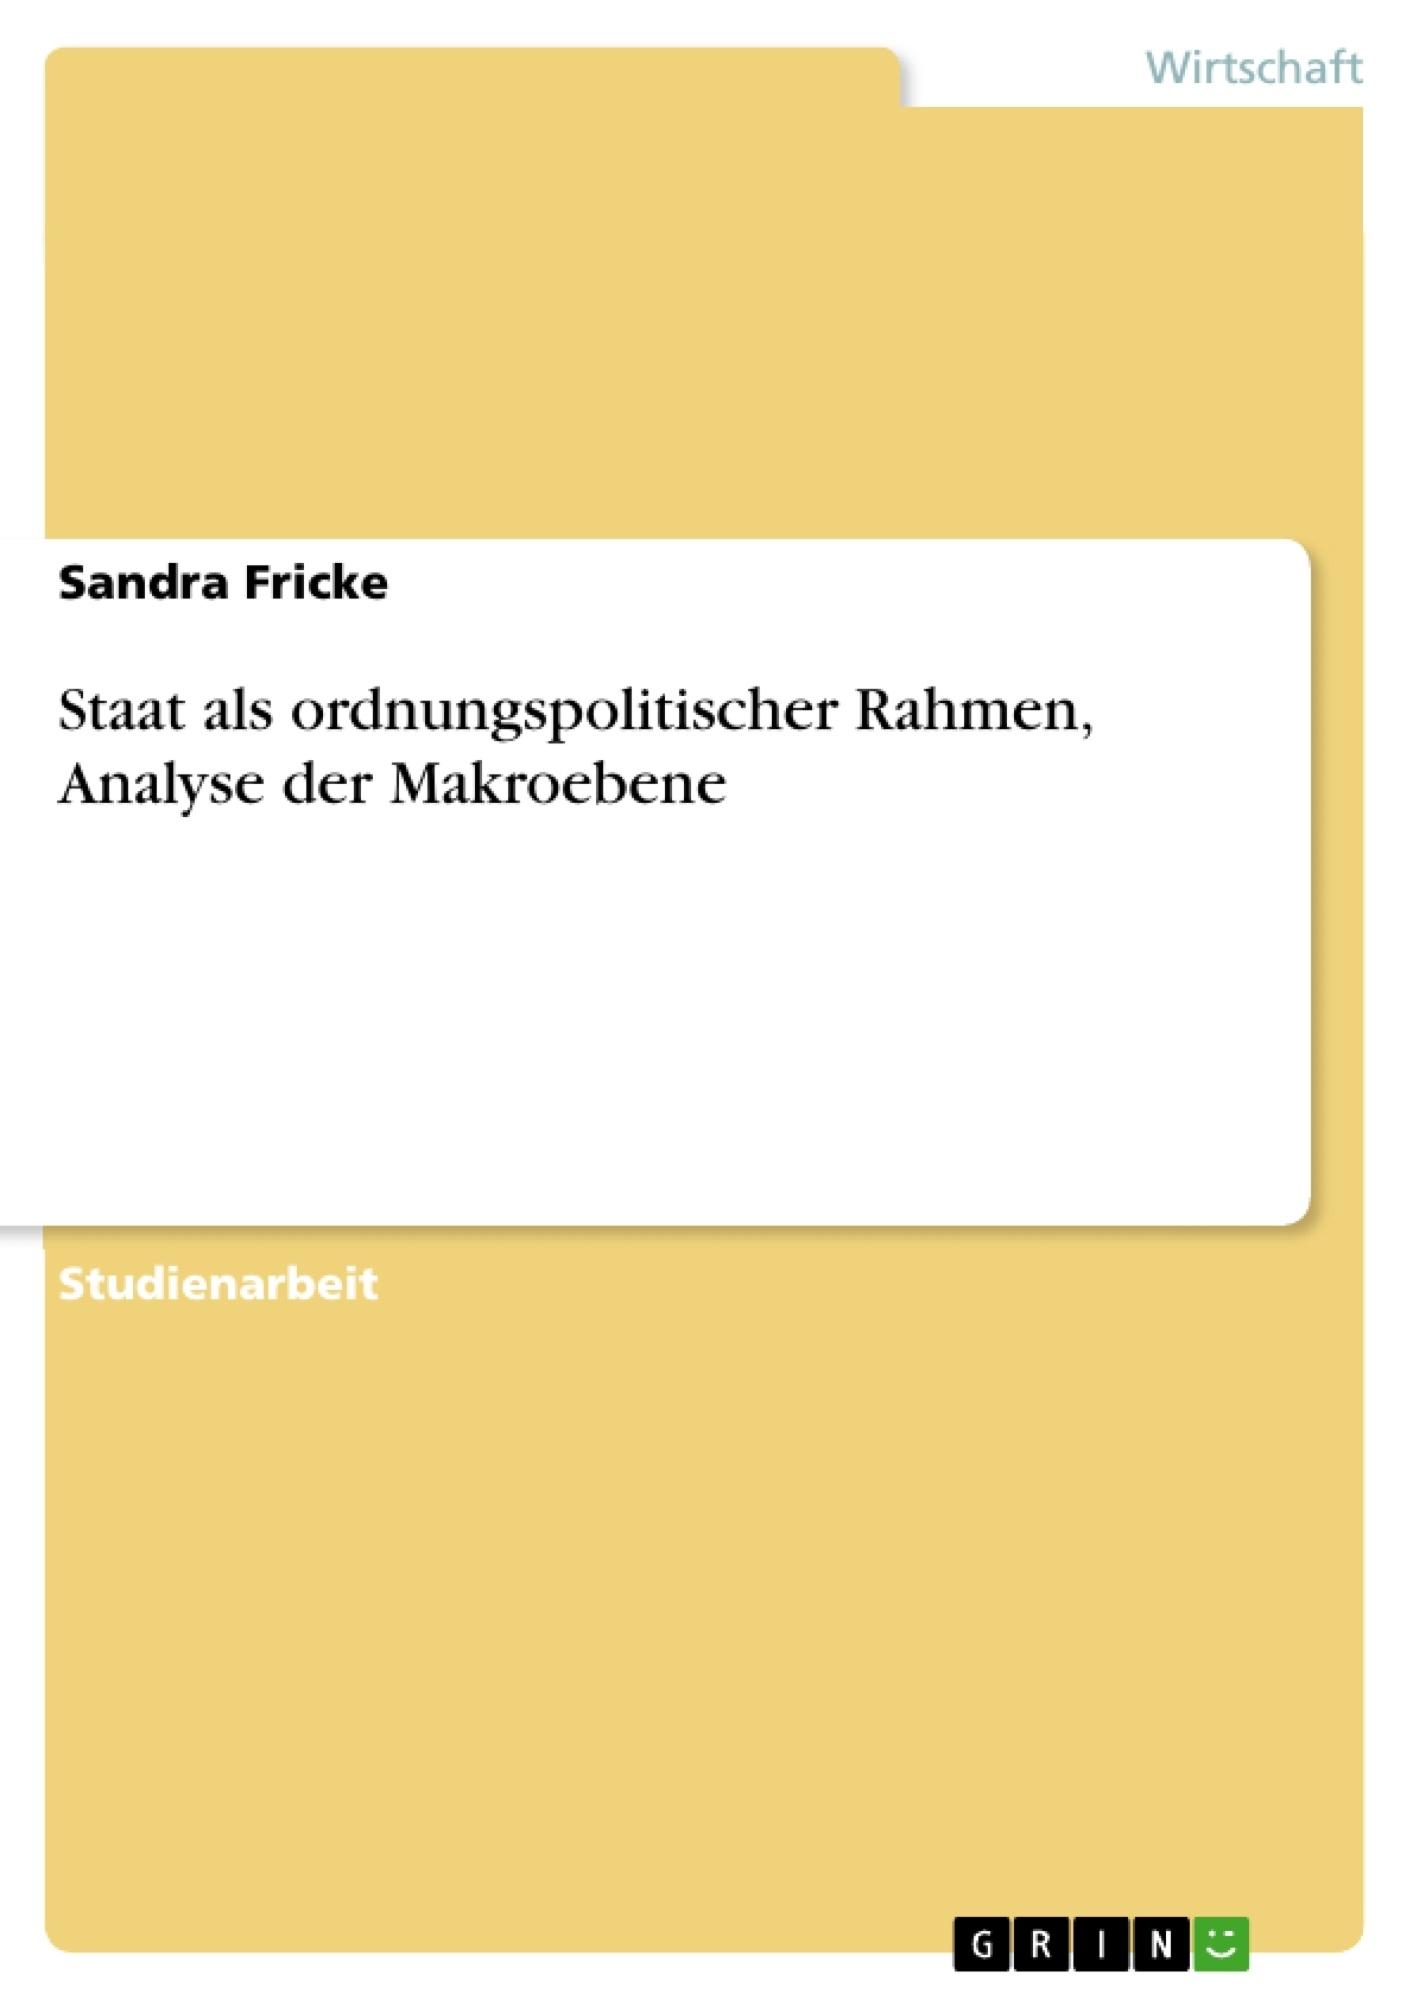 Titel: Staat als ordnungspolitischer Rahmen, Analyse der Makroebene